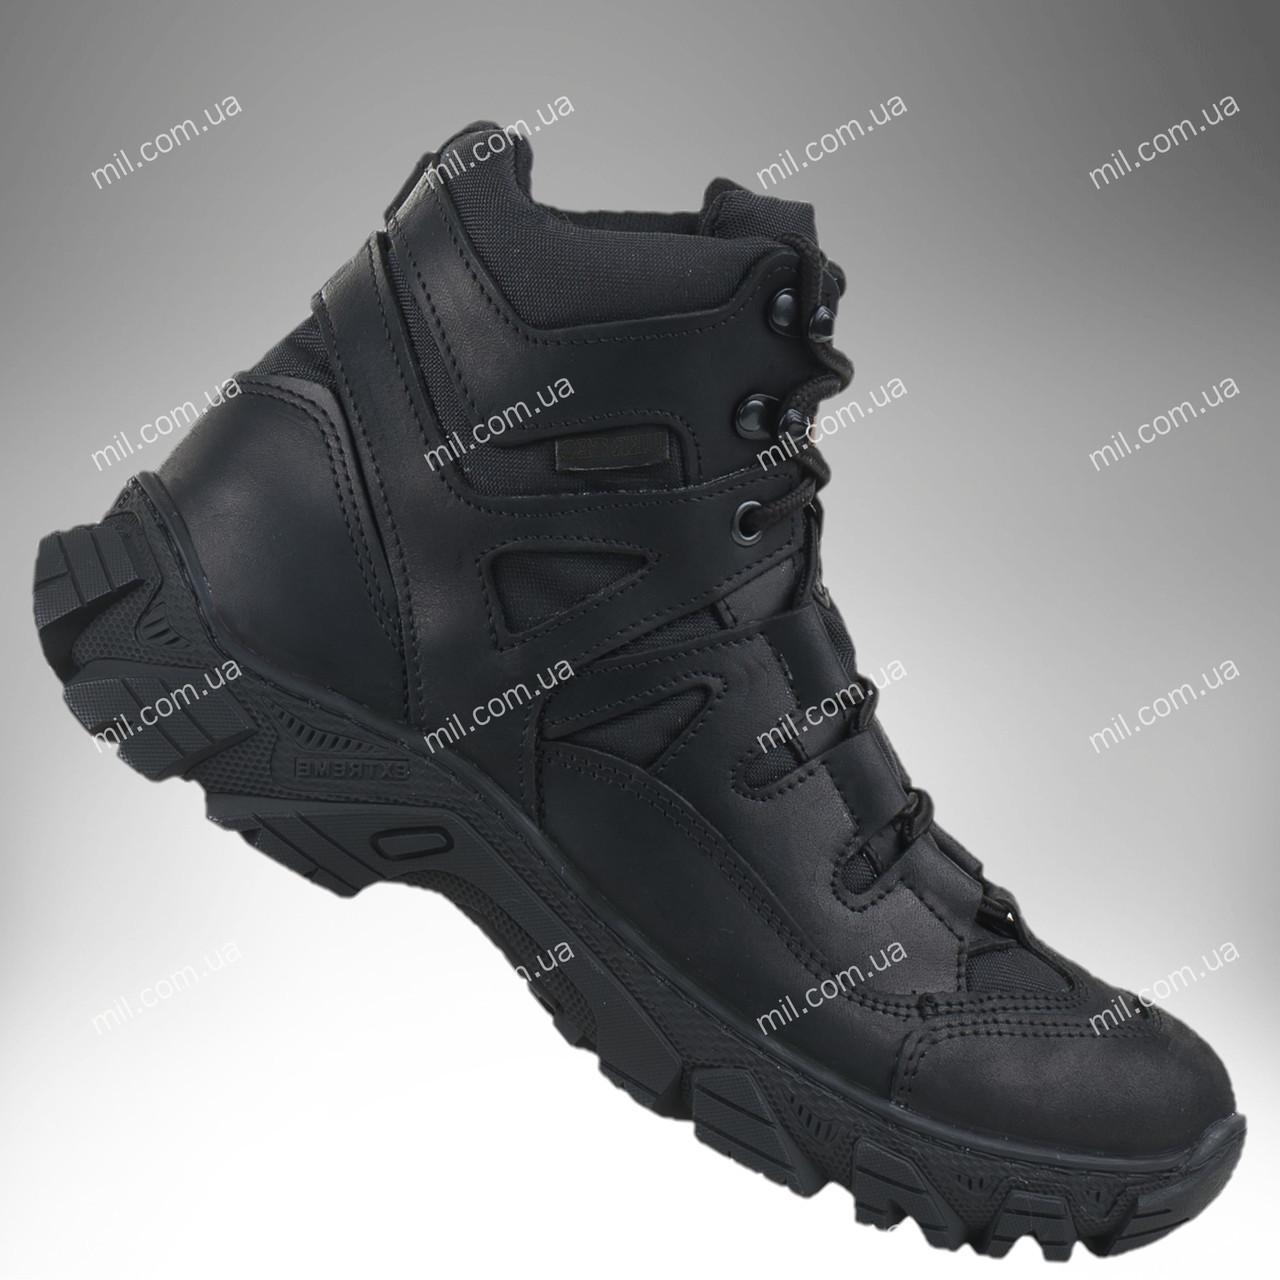 Тактическая зимняя обувь / военные, армейские ботинки Tactic HARD Gen.II (черный)